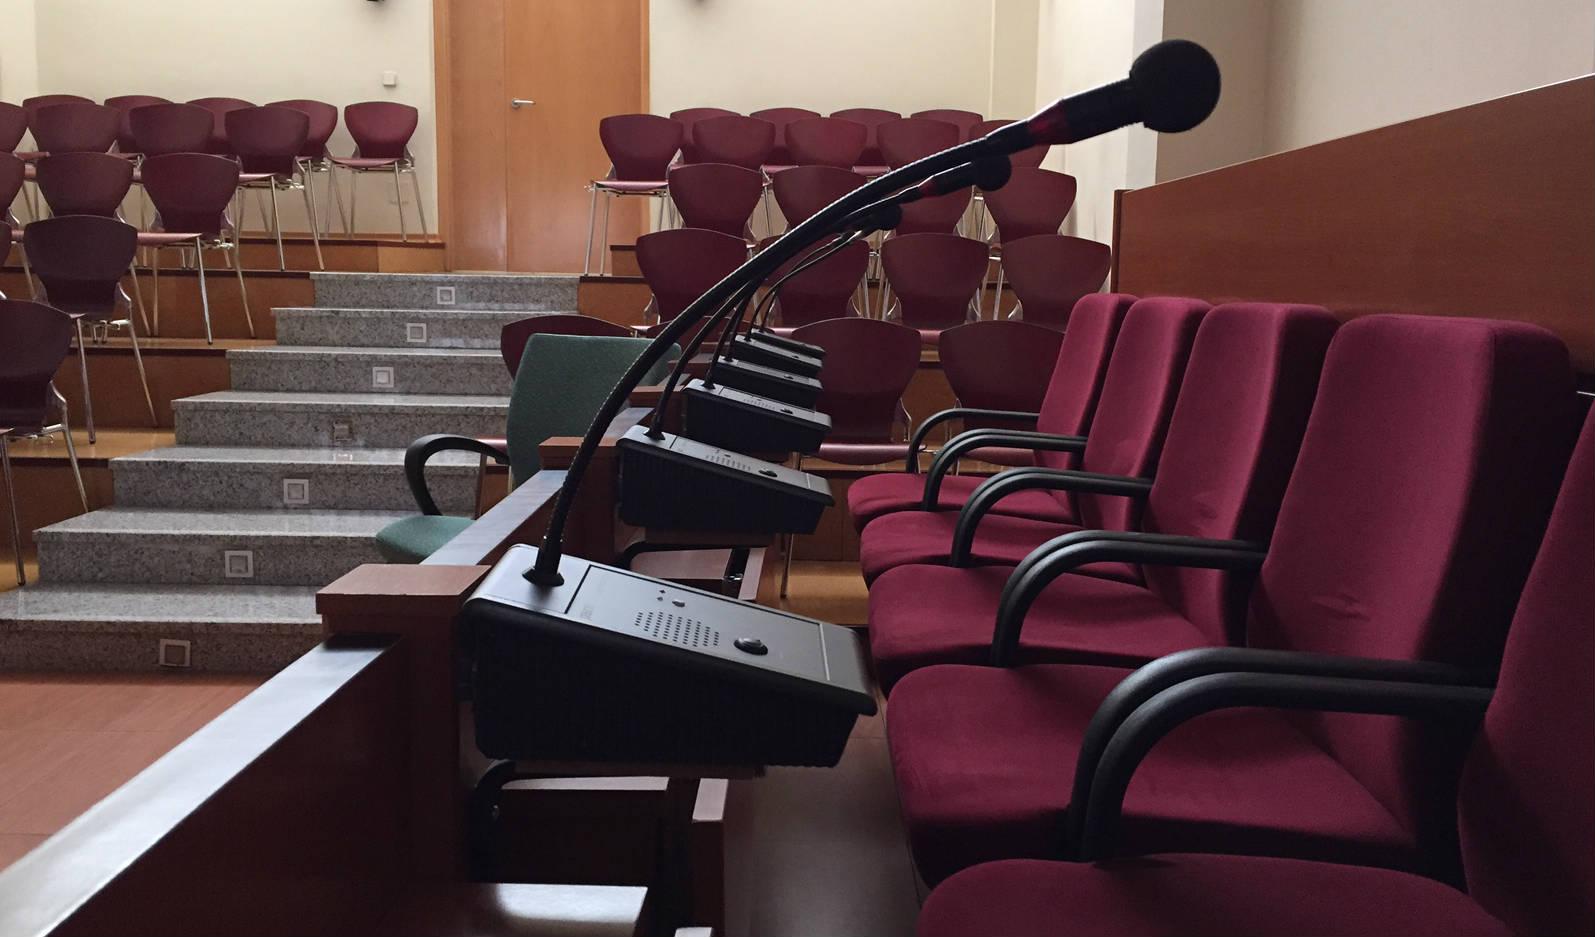 Convocado el pleno ordinario del mes de febrero ayuntamiento de moralzarzal - Spa moralzarzal ...